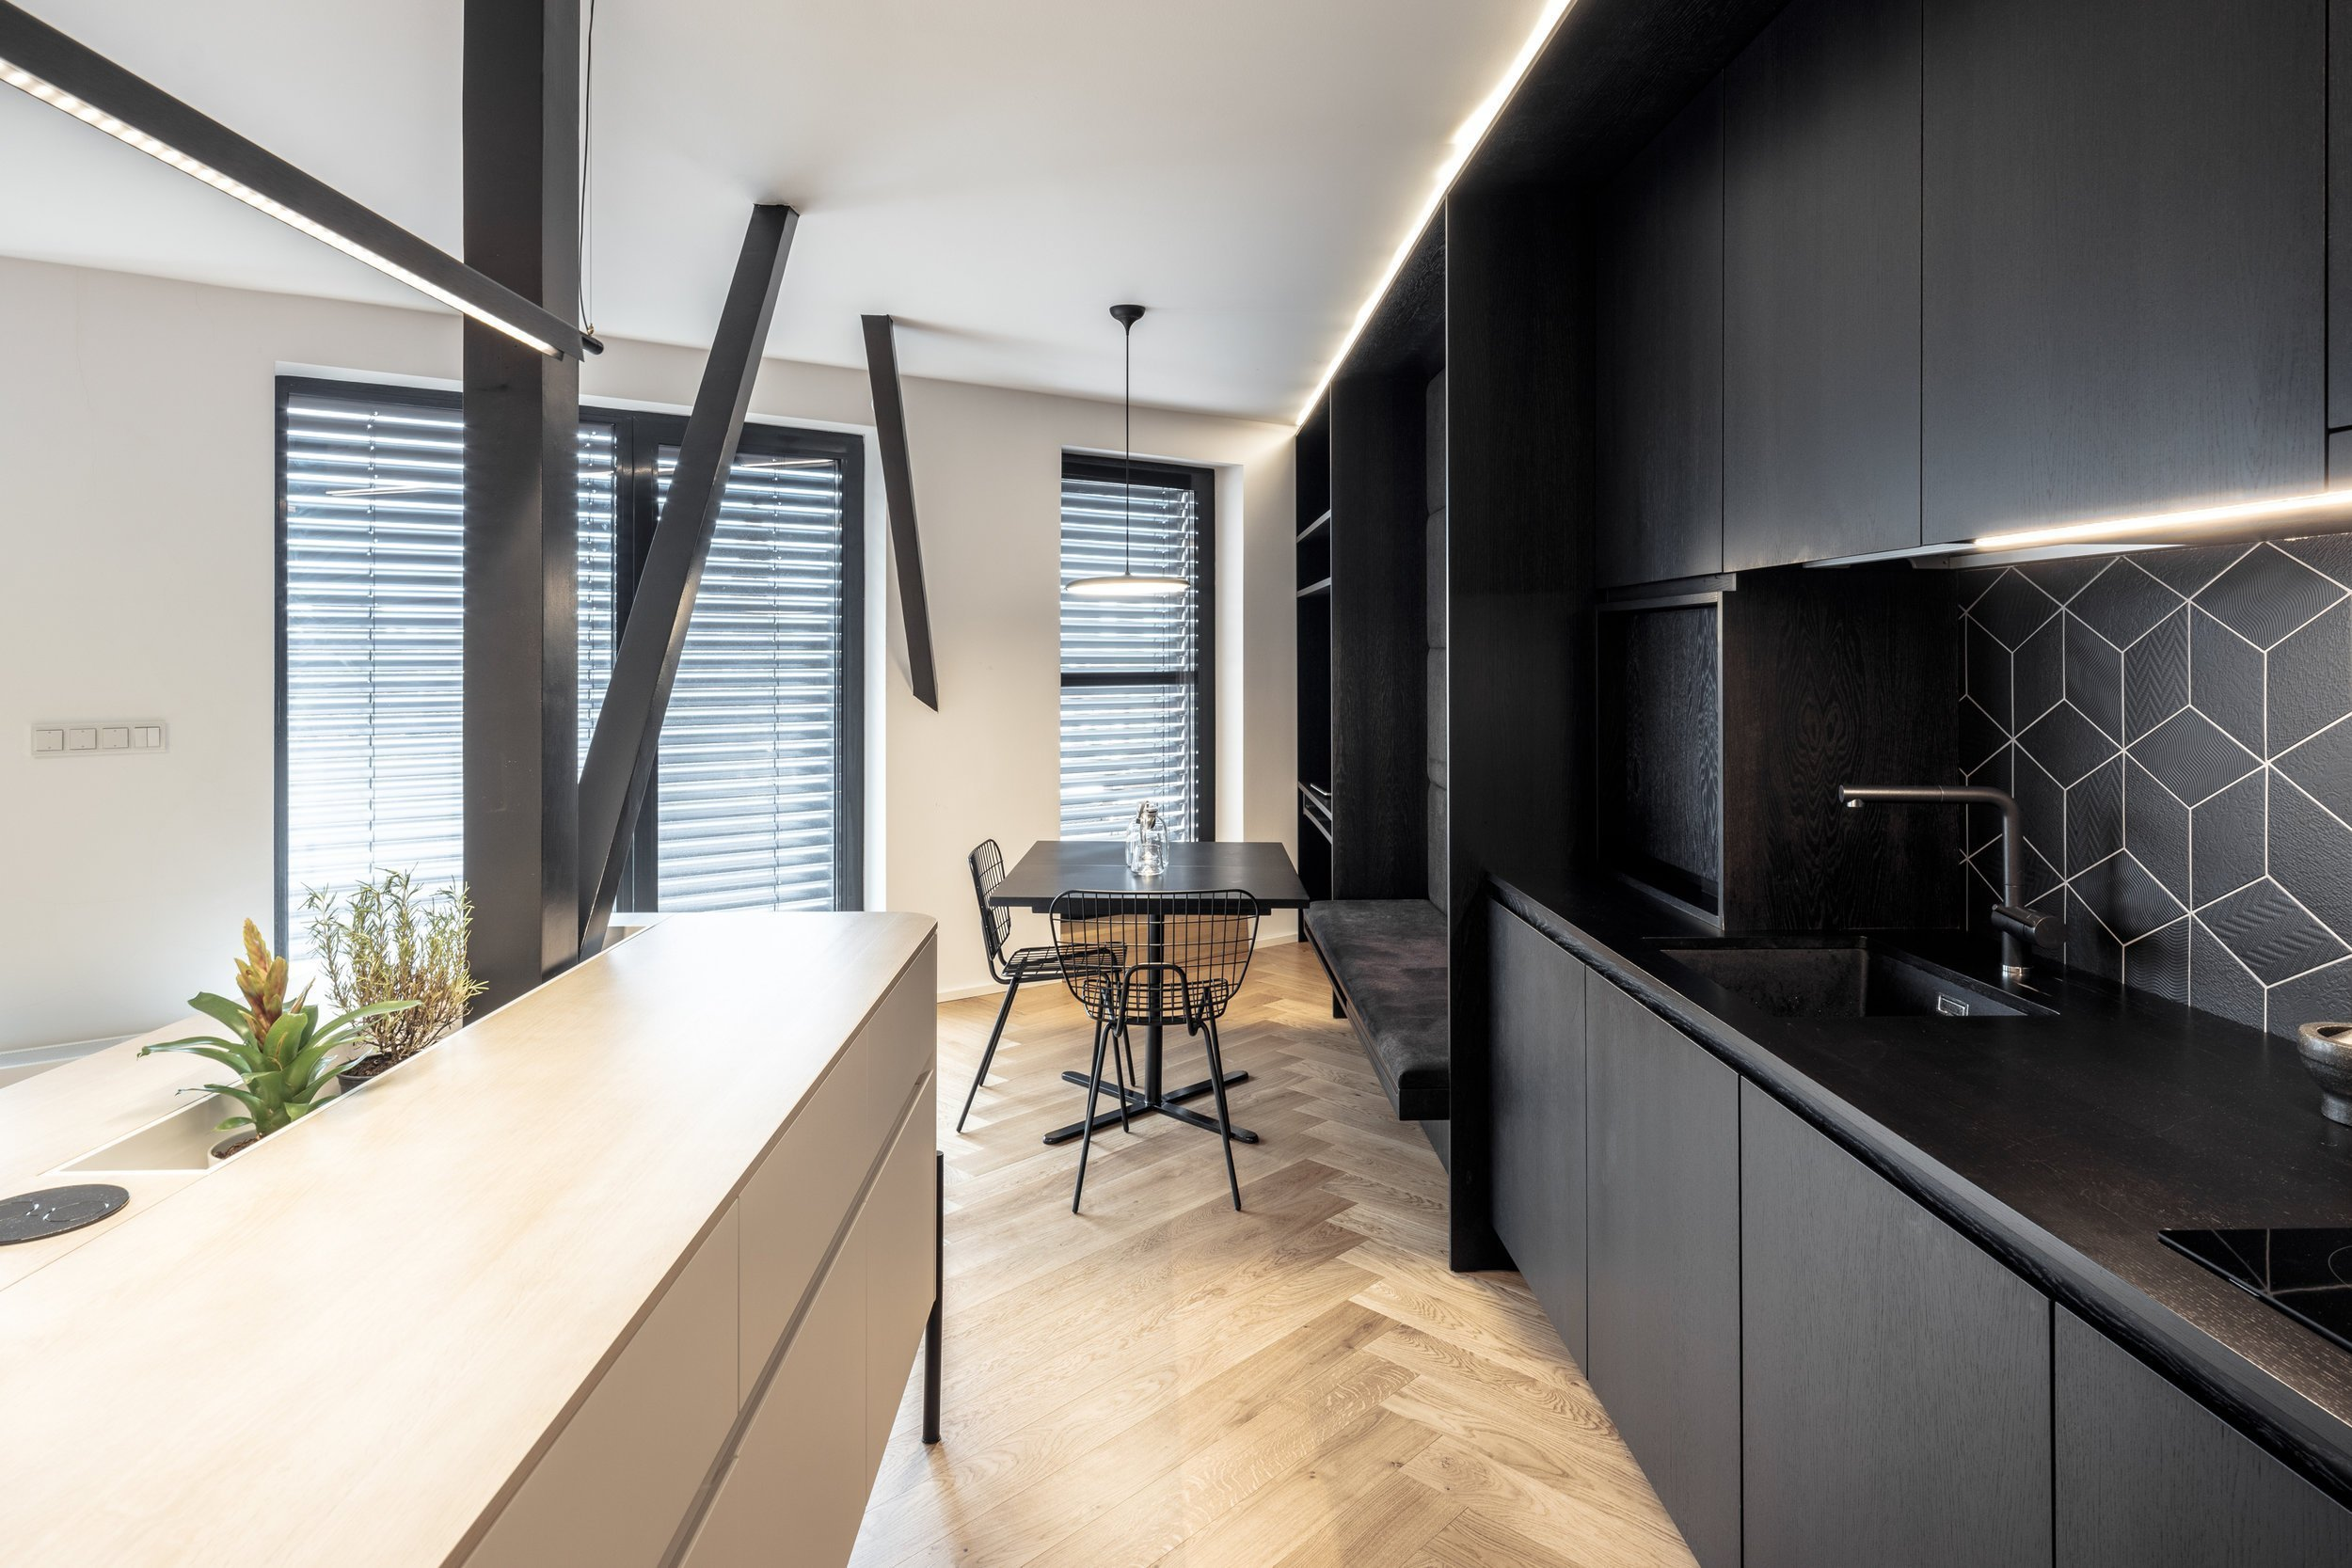 Otevřený obytný prostor. Absence klasických chodeb. Sloupy jako součást zařízení interiéru. Na ploše téměř sto metrů čtverečních vznikl funkční a řemeslně dotažený byt. Příjemným bonusem je rozsáhlá střešní terasa a výhledy z obytných místností.